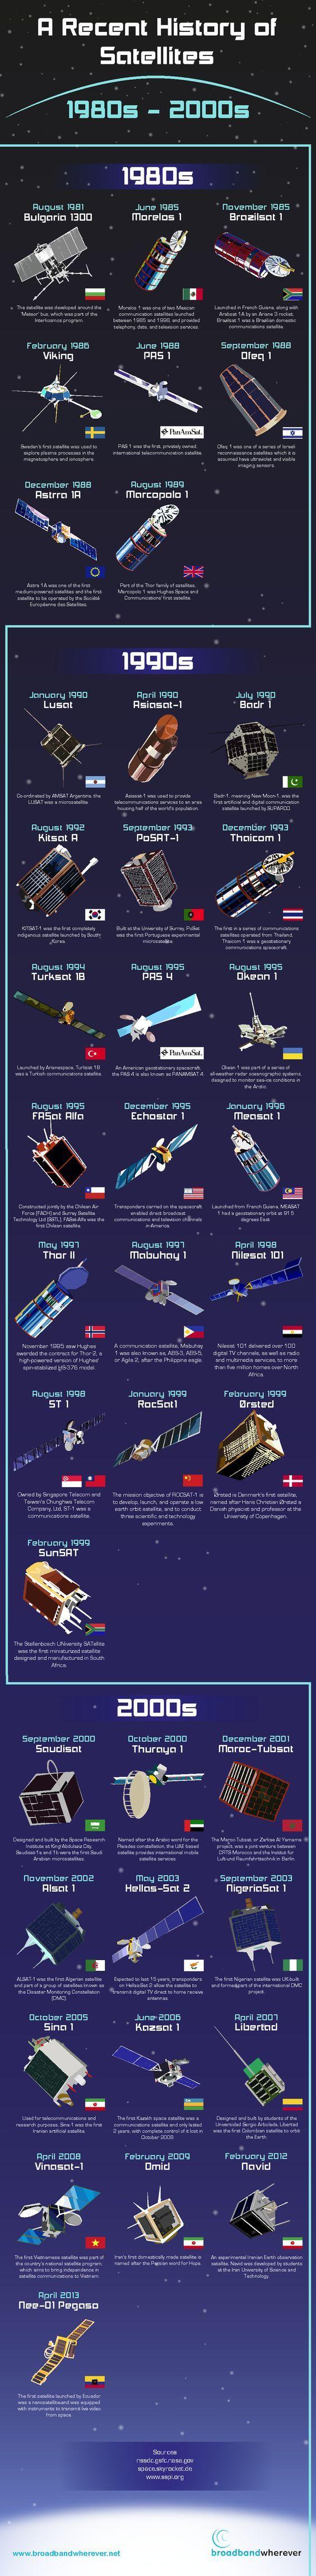 Historia reciente de los satélites espaciales